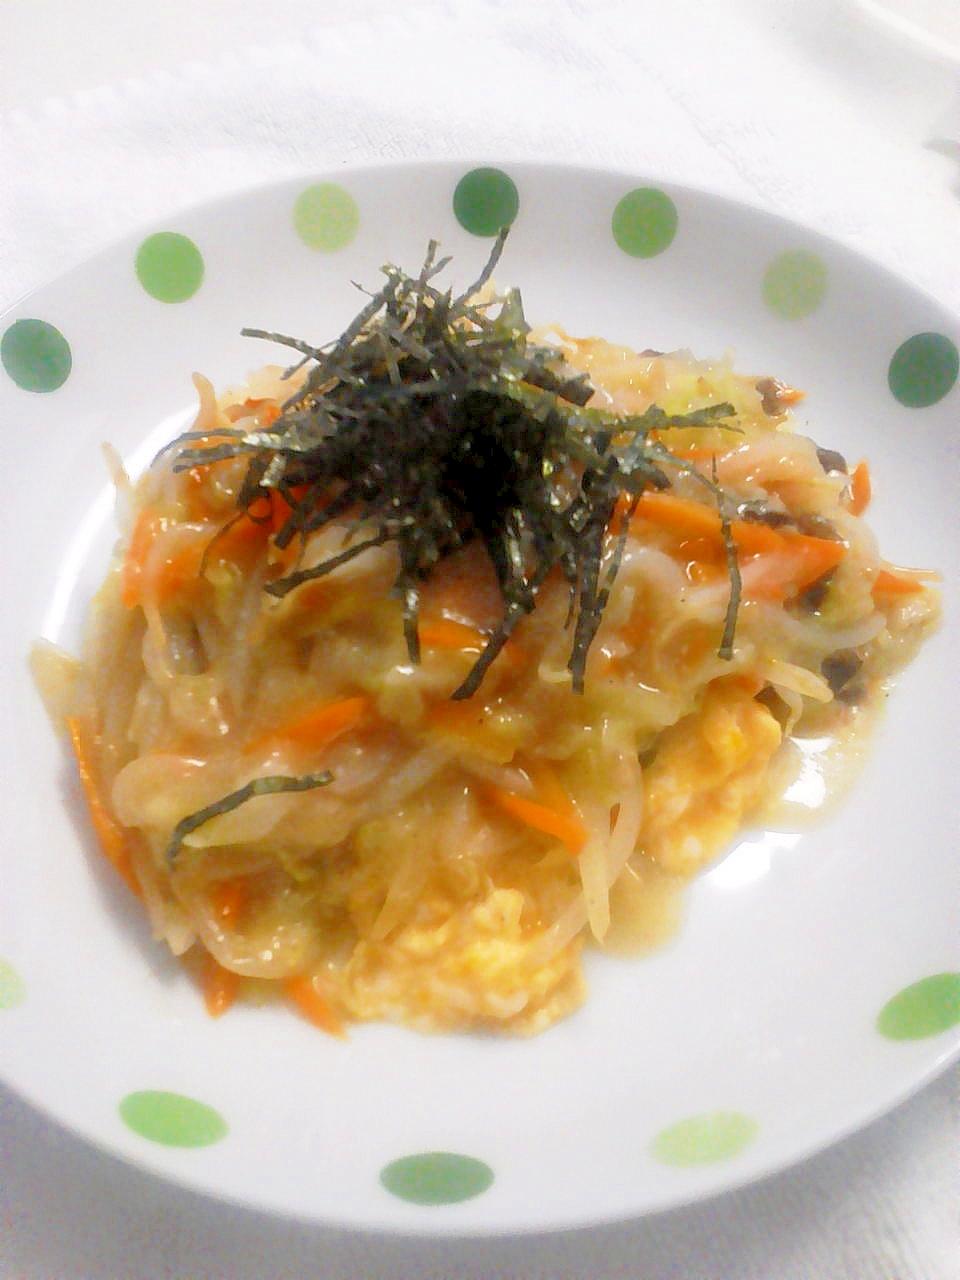 卵ともやしがメイン料理に♪ 天津飯風 野菜あんかけ レシピ・作り方 by ちっち0909|楽天レシピ